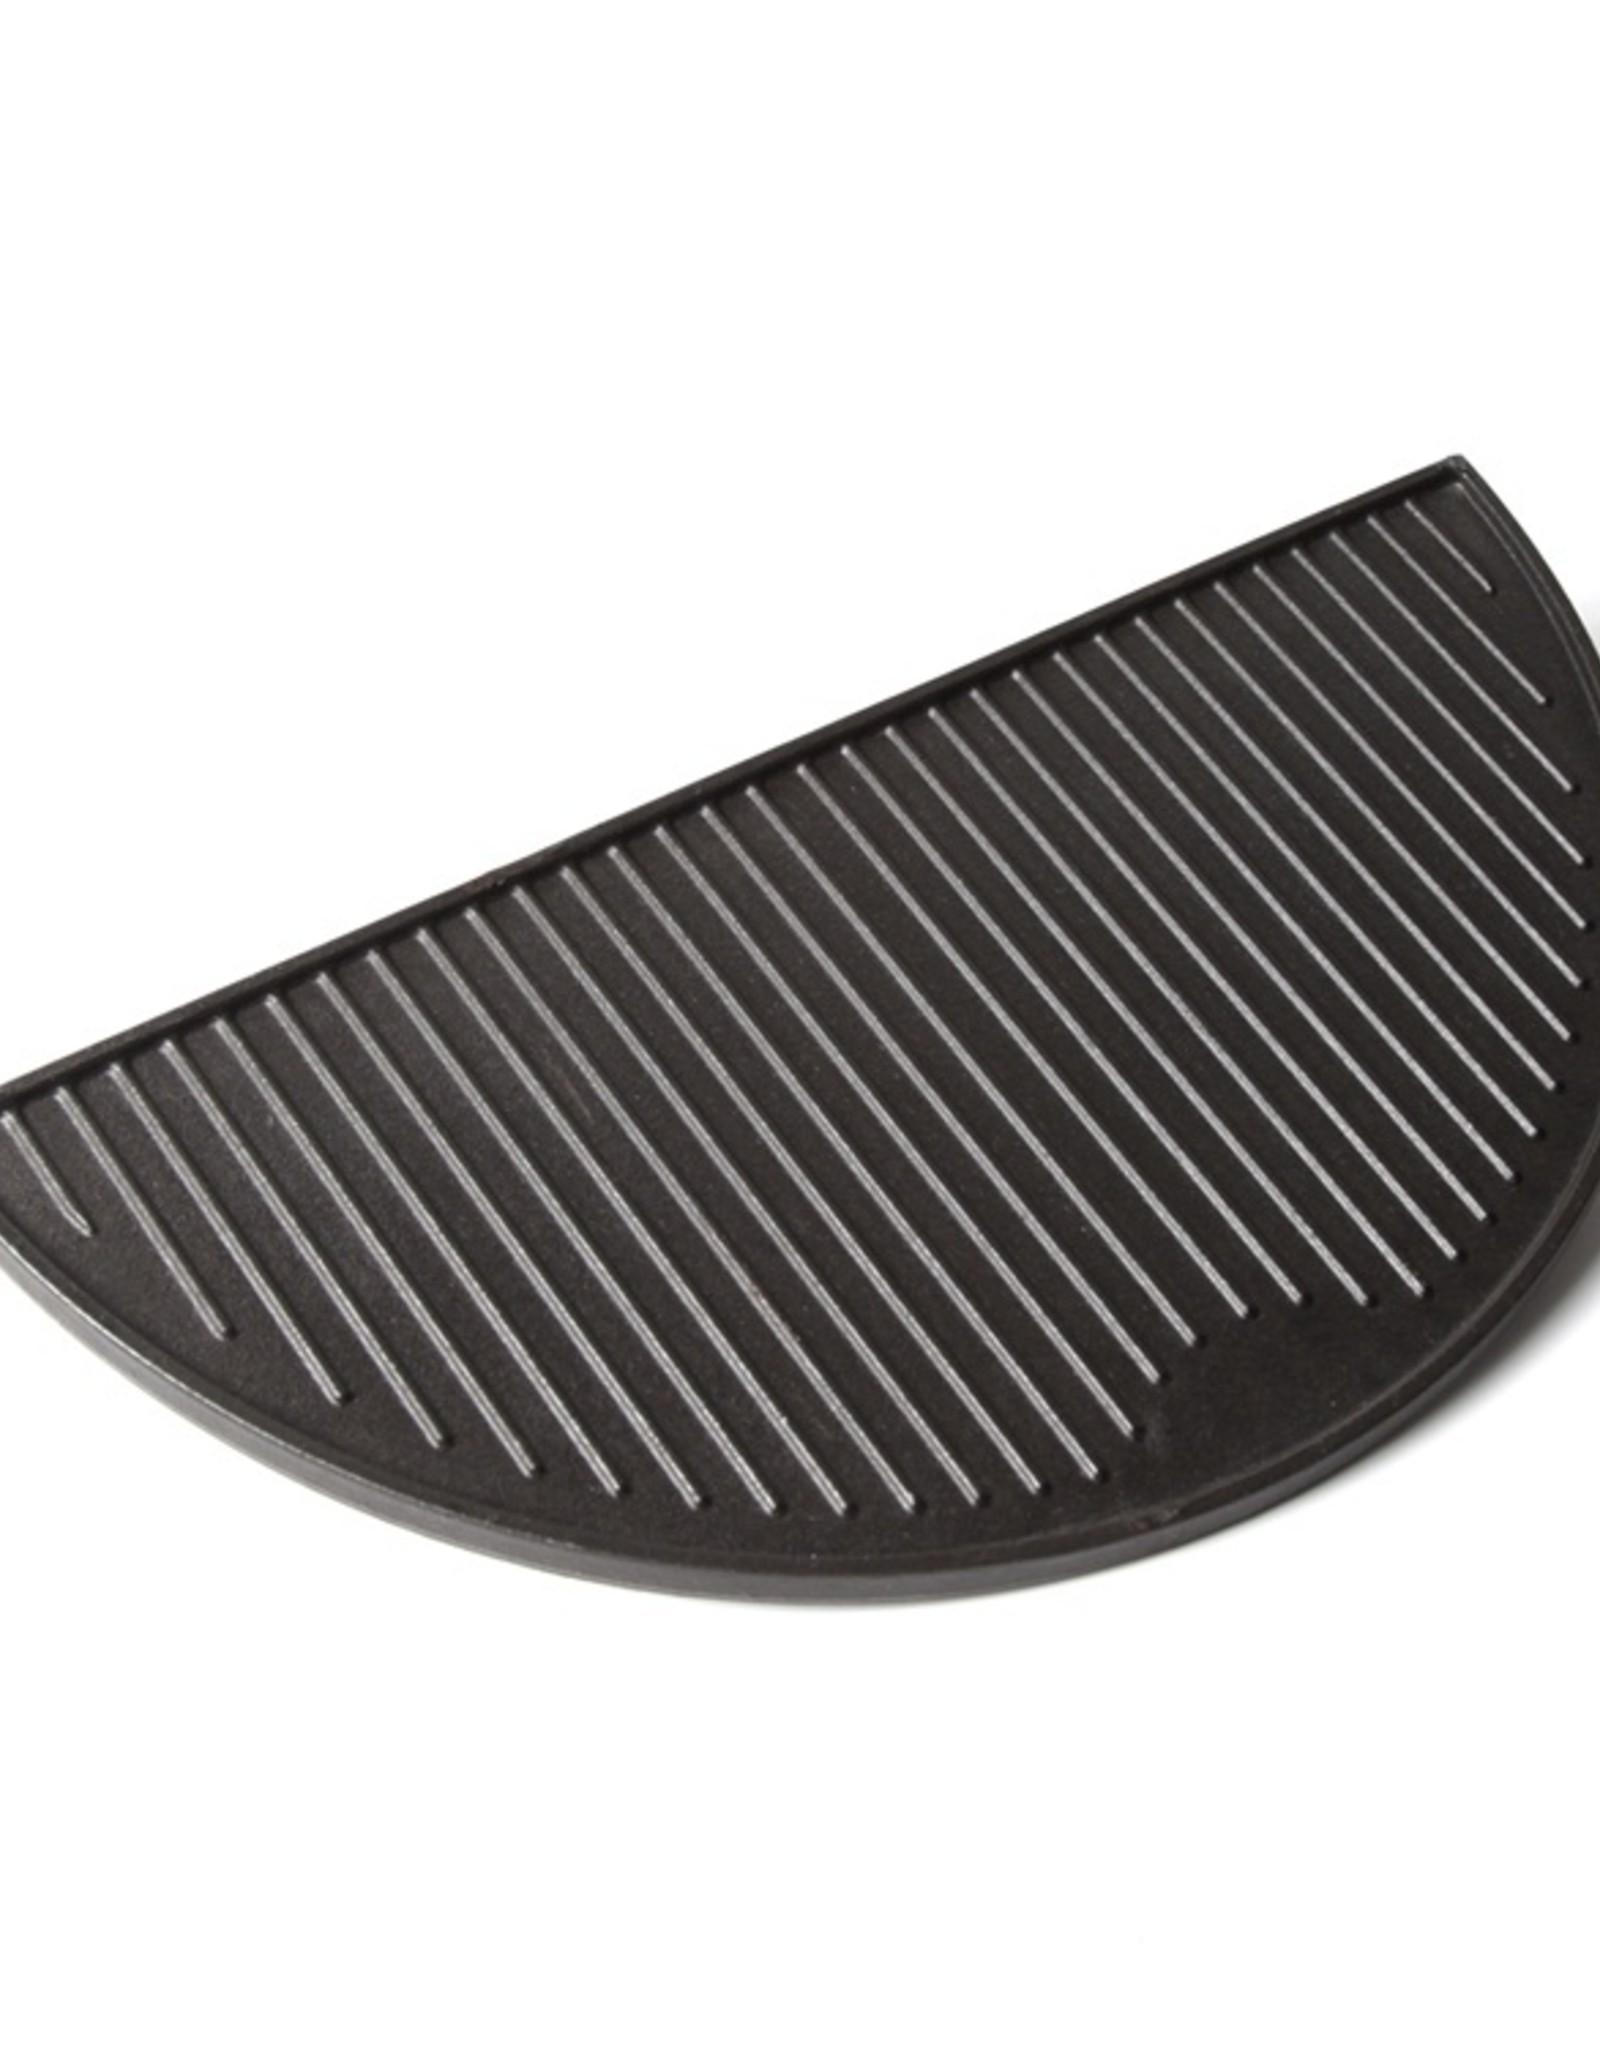 Keij Kamado® Gietijzeren grillplaat, half rond - XL (49,5 cm)